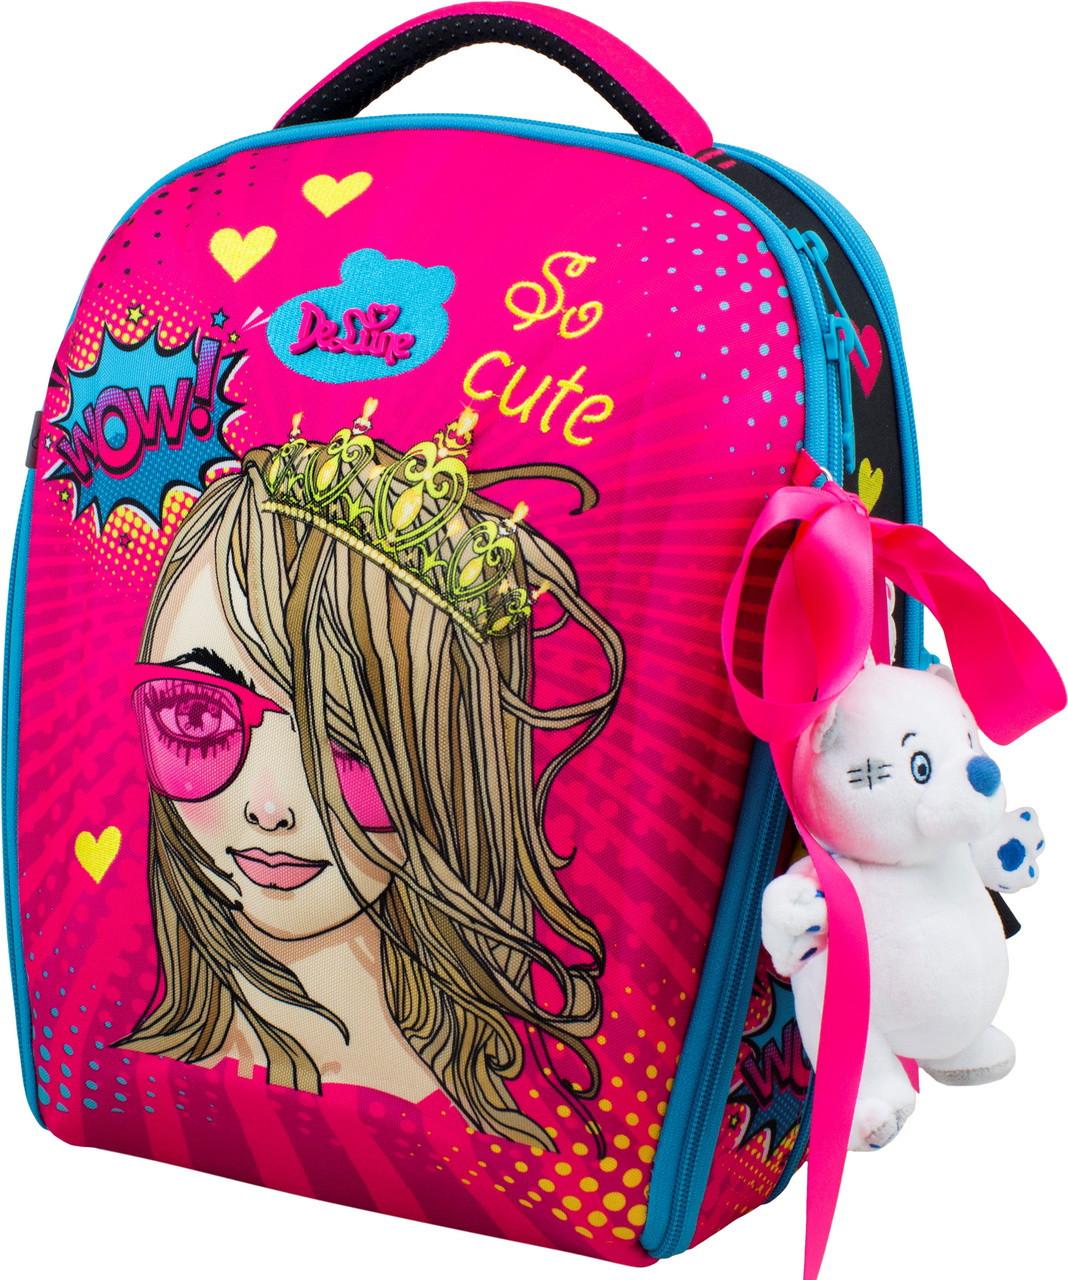 Школьный рюкзак DeLune (рюкзак+сменка+пенал+брелок) 7mini-022